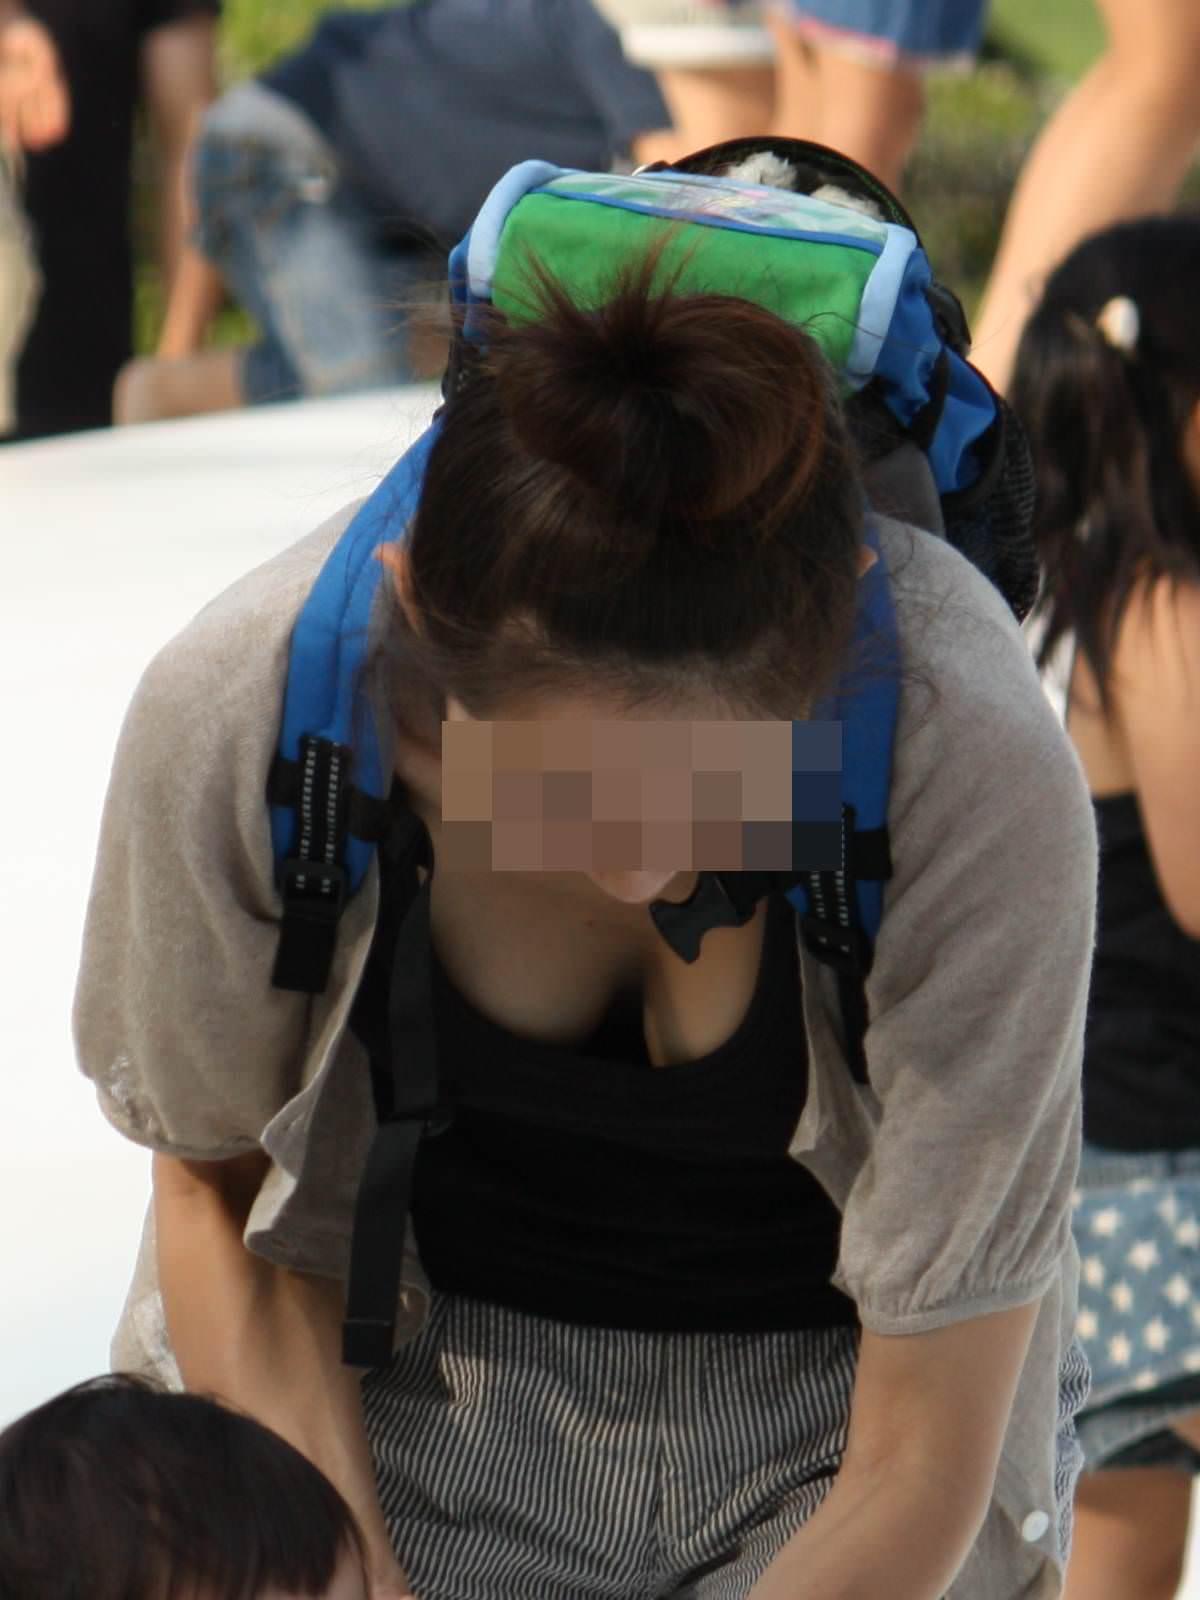 若奥様の巨乳化した乳房がチラ見え (7)